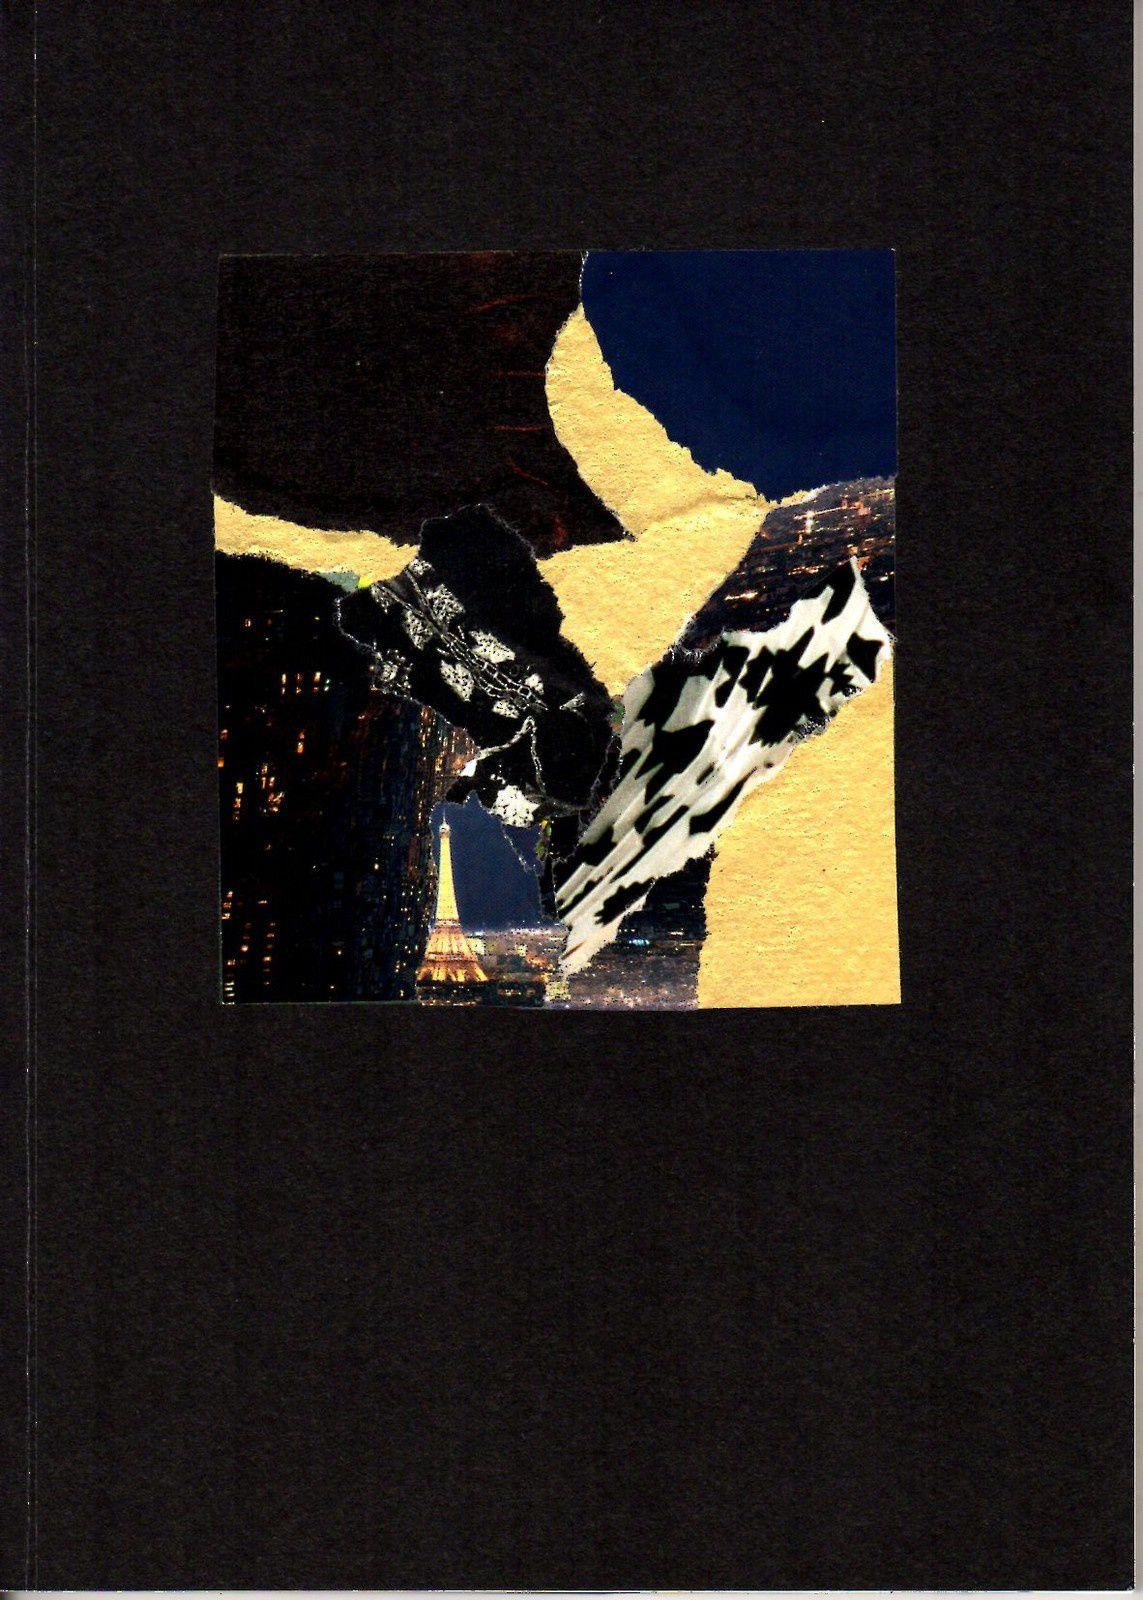 """Les Collages d'eMmA MessanA, carnet """"C'est beau paris la nuit"""", pièce unique (couverture recto) © eMmA MessanA"""